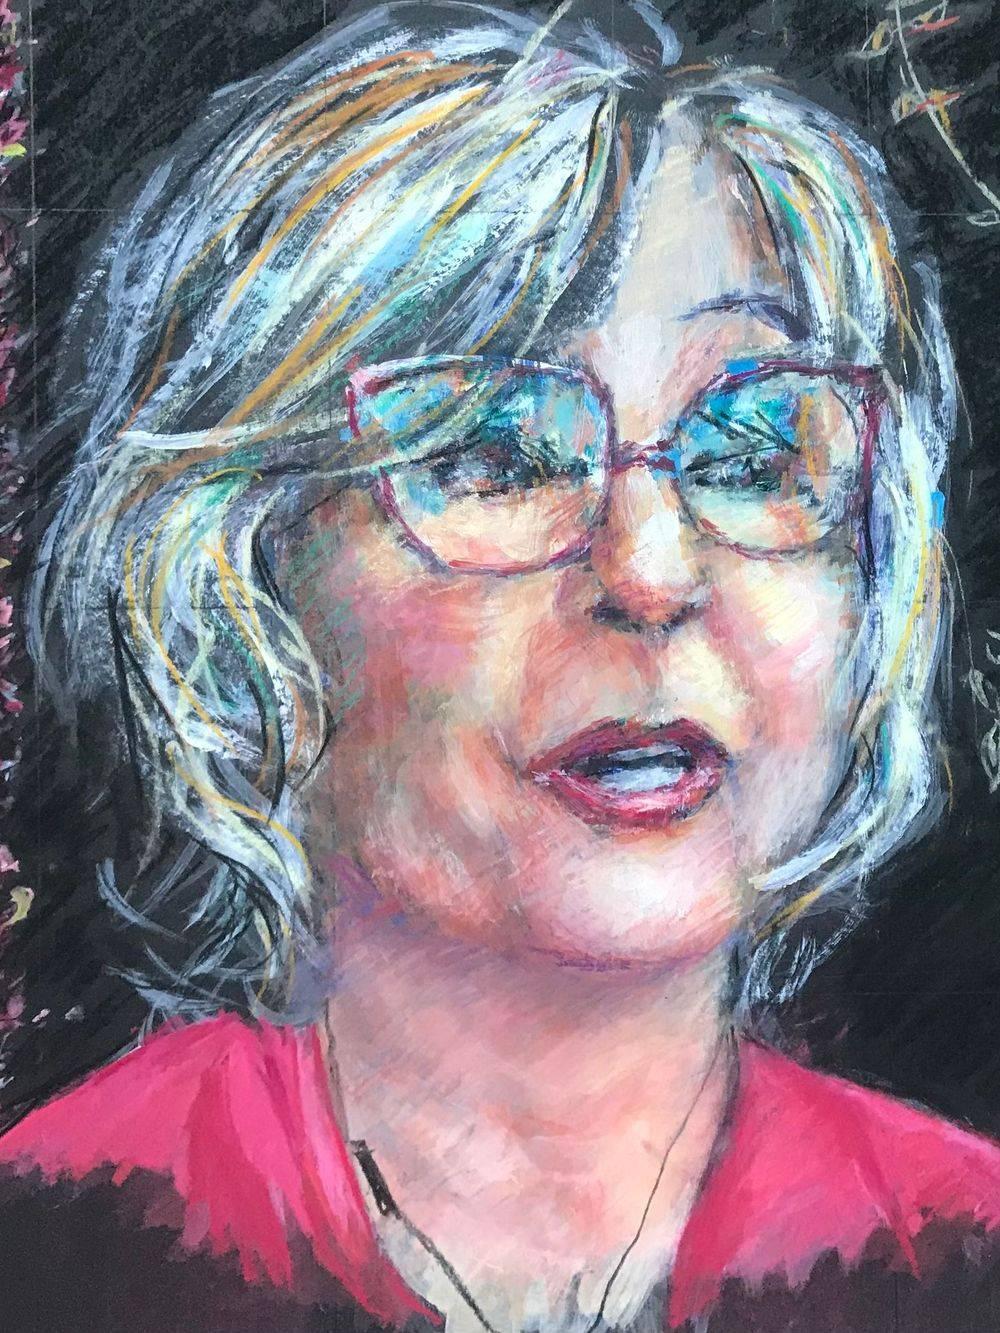 Lesley Garrett, portrait by Marcia Kuperberg